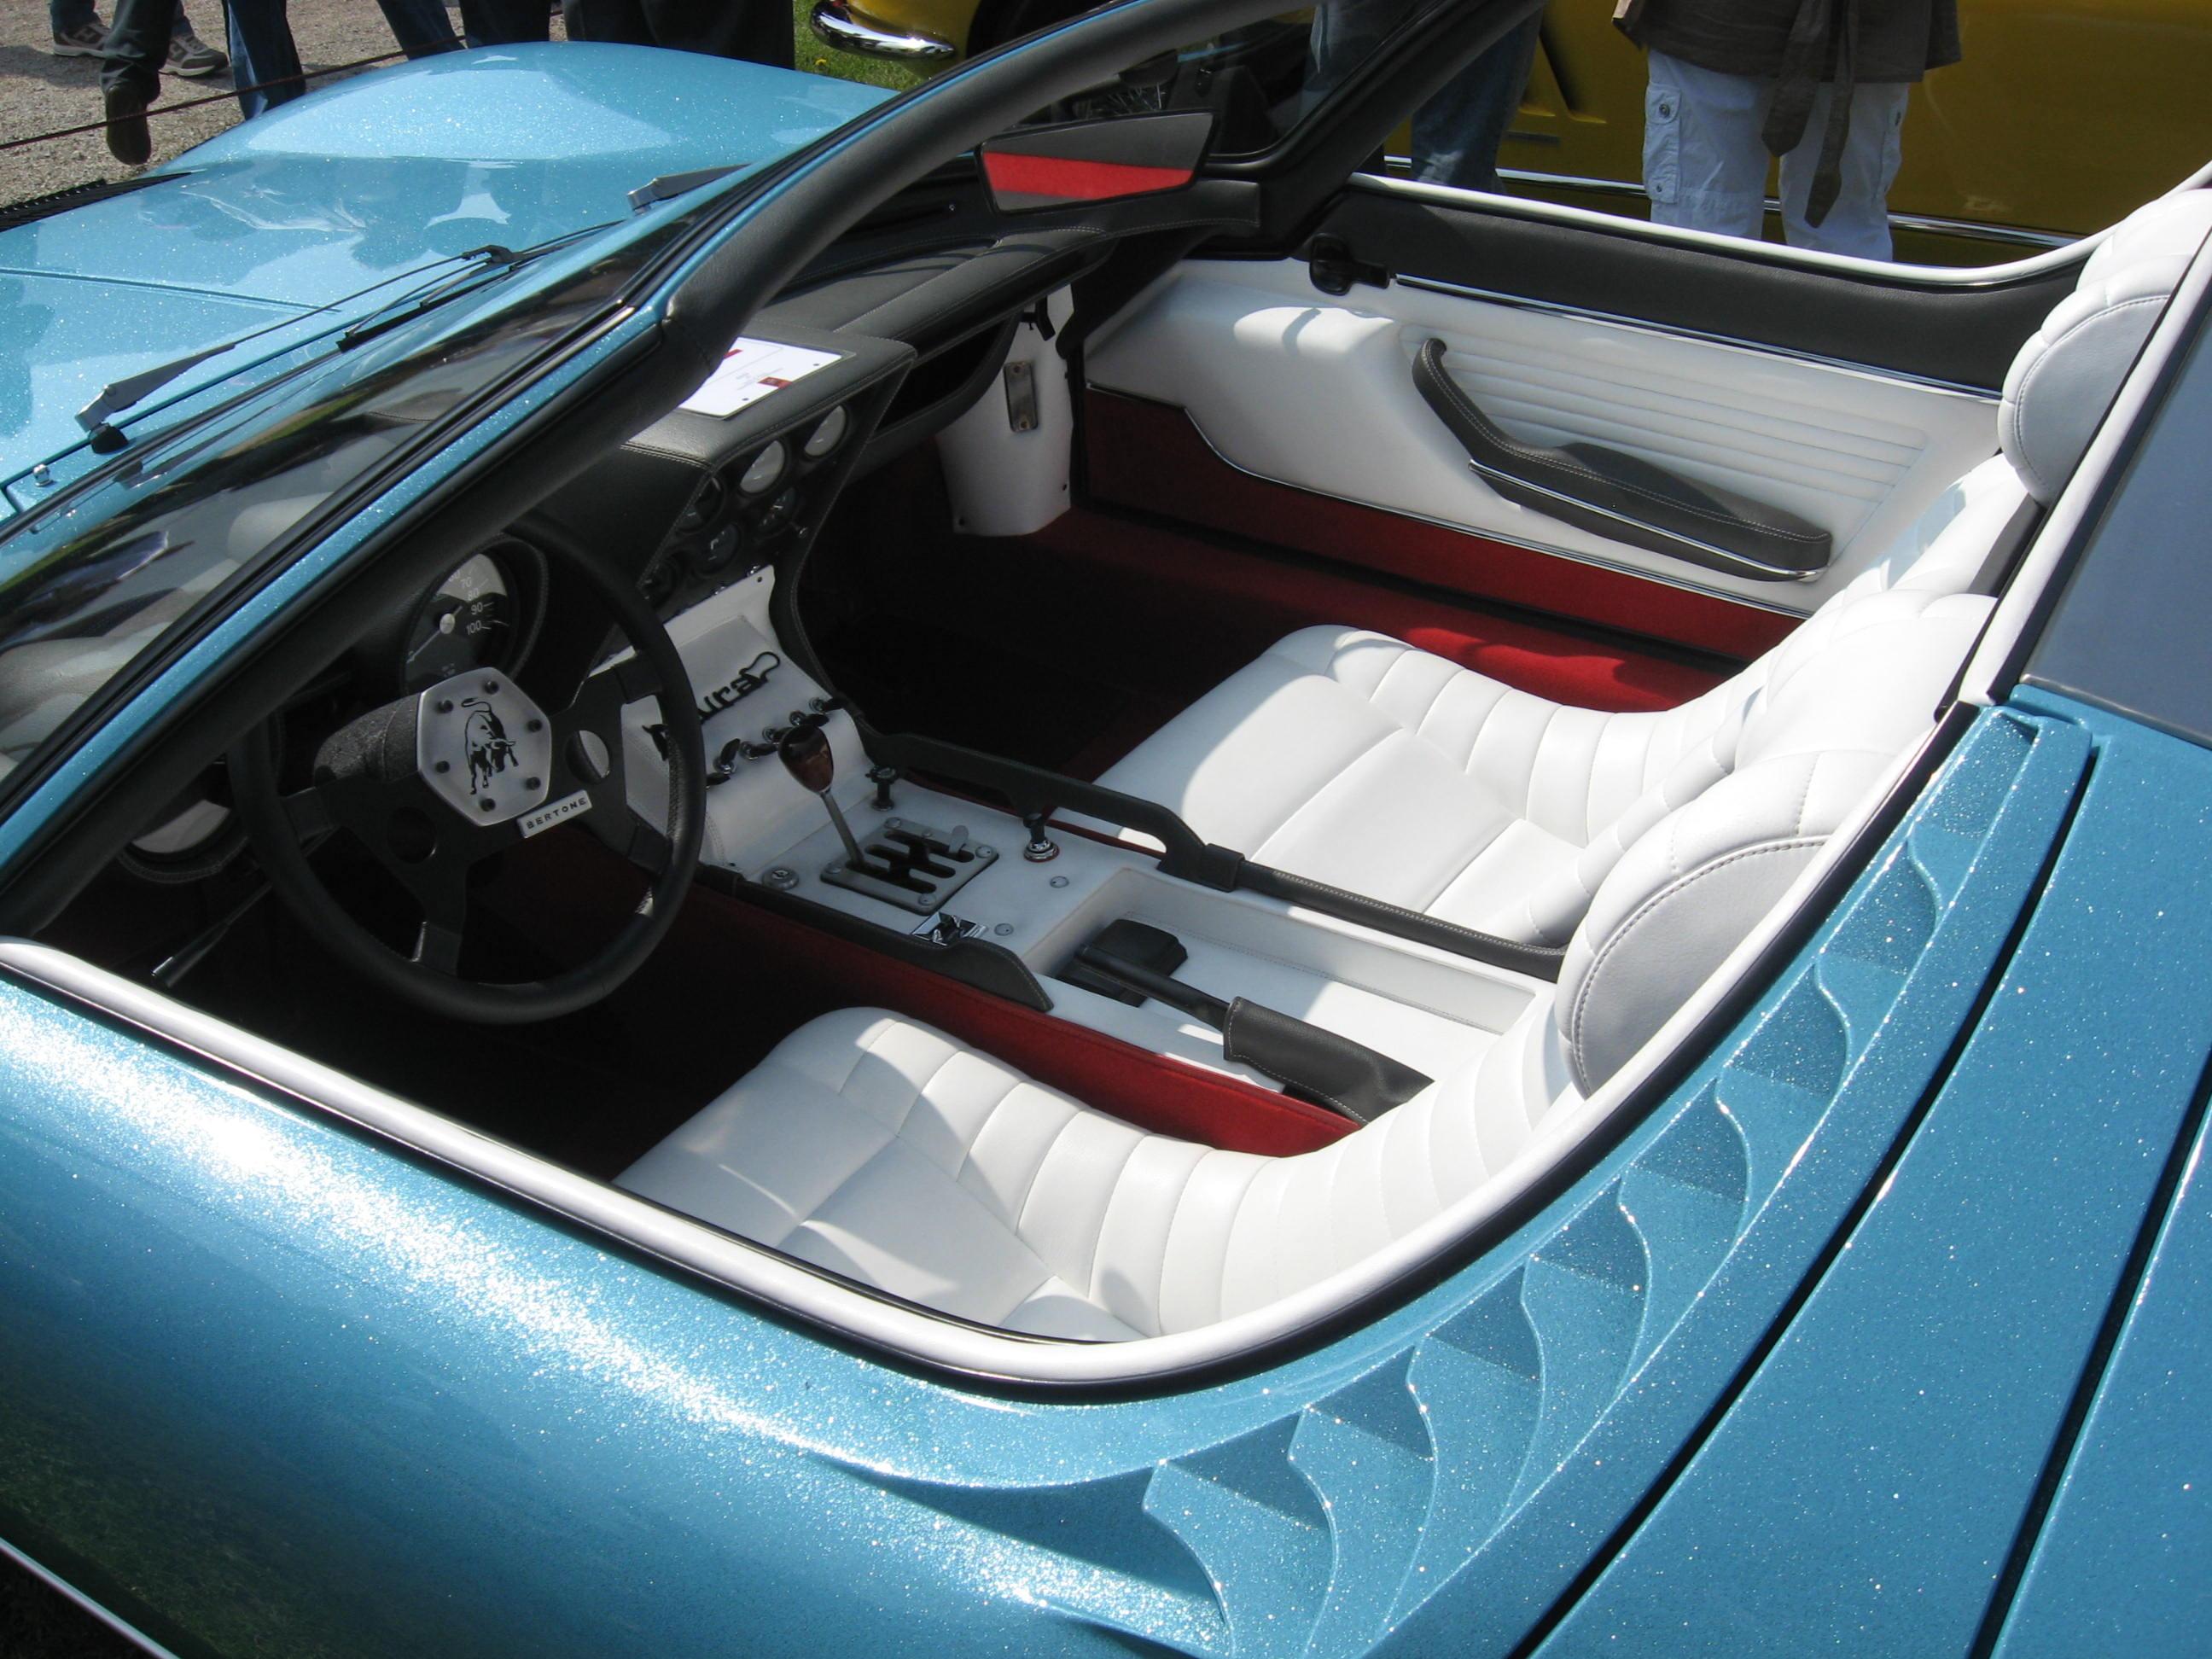 Interno della Miura Roadster, la somiglianza con Asterion è visibile.